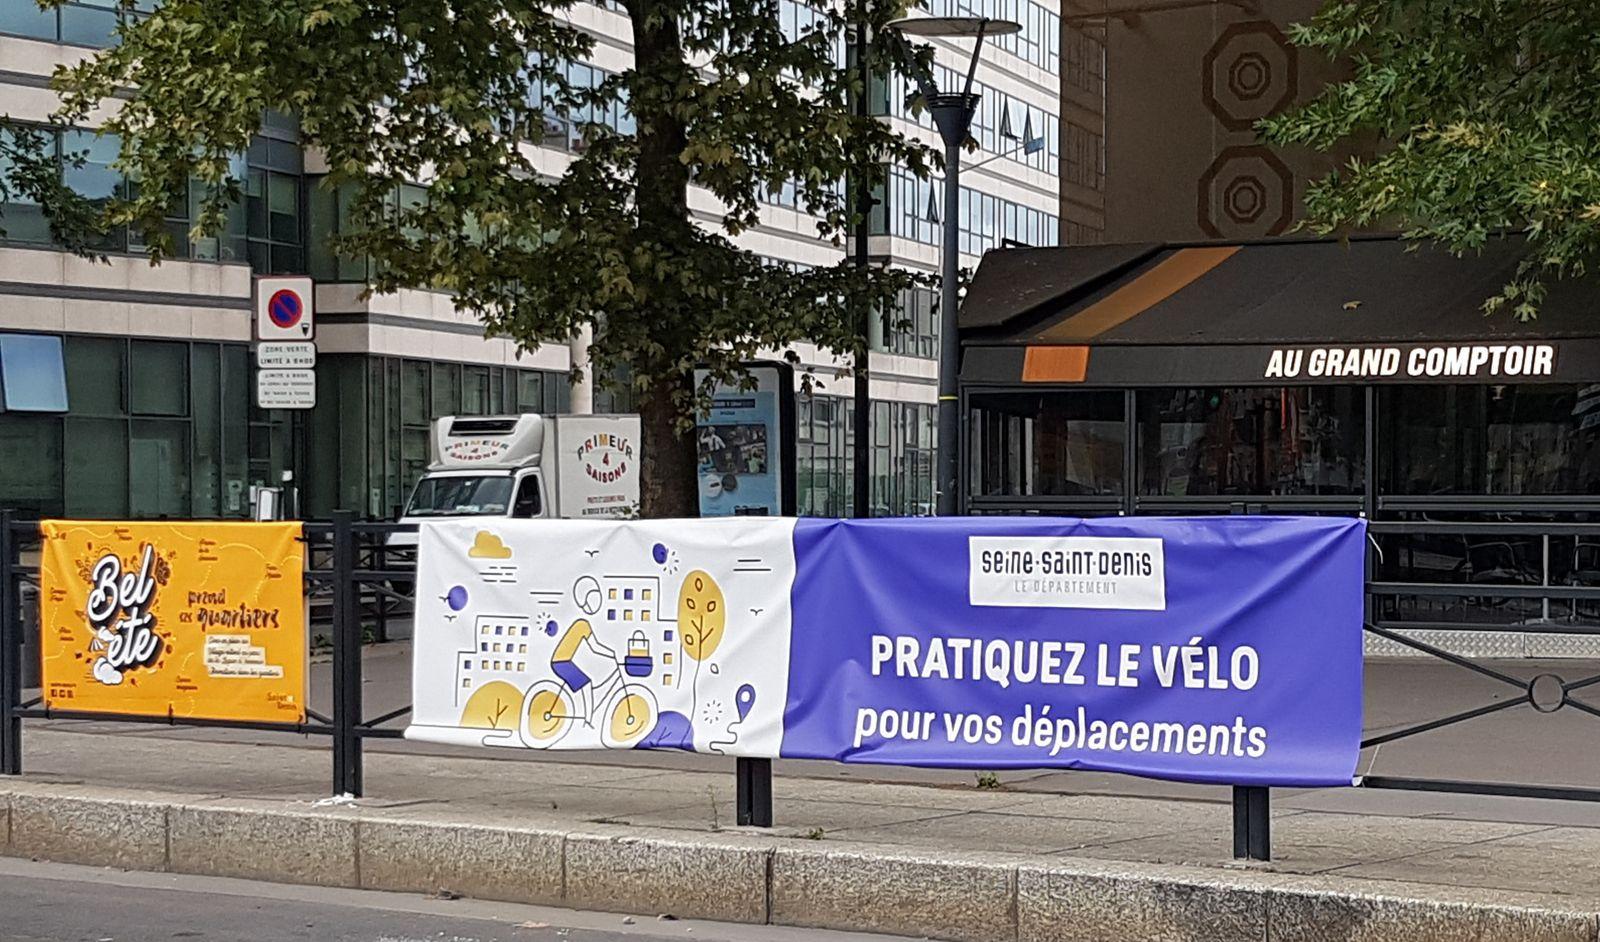 Ma première rando à vélo , retour du Cap Ferret jusque dans le Val d'Oise : 650 km en 4 étapes (du 21 au 24 août 2020)